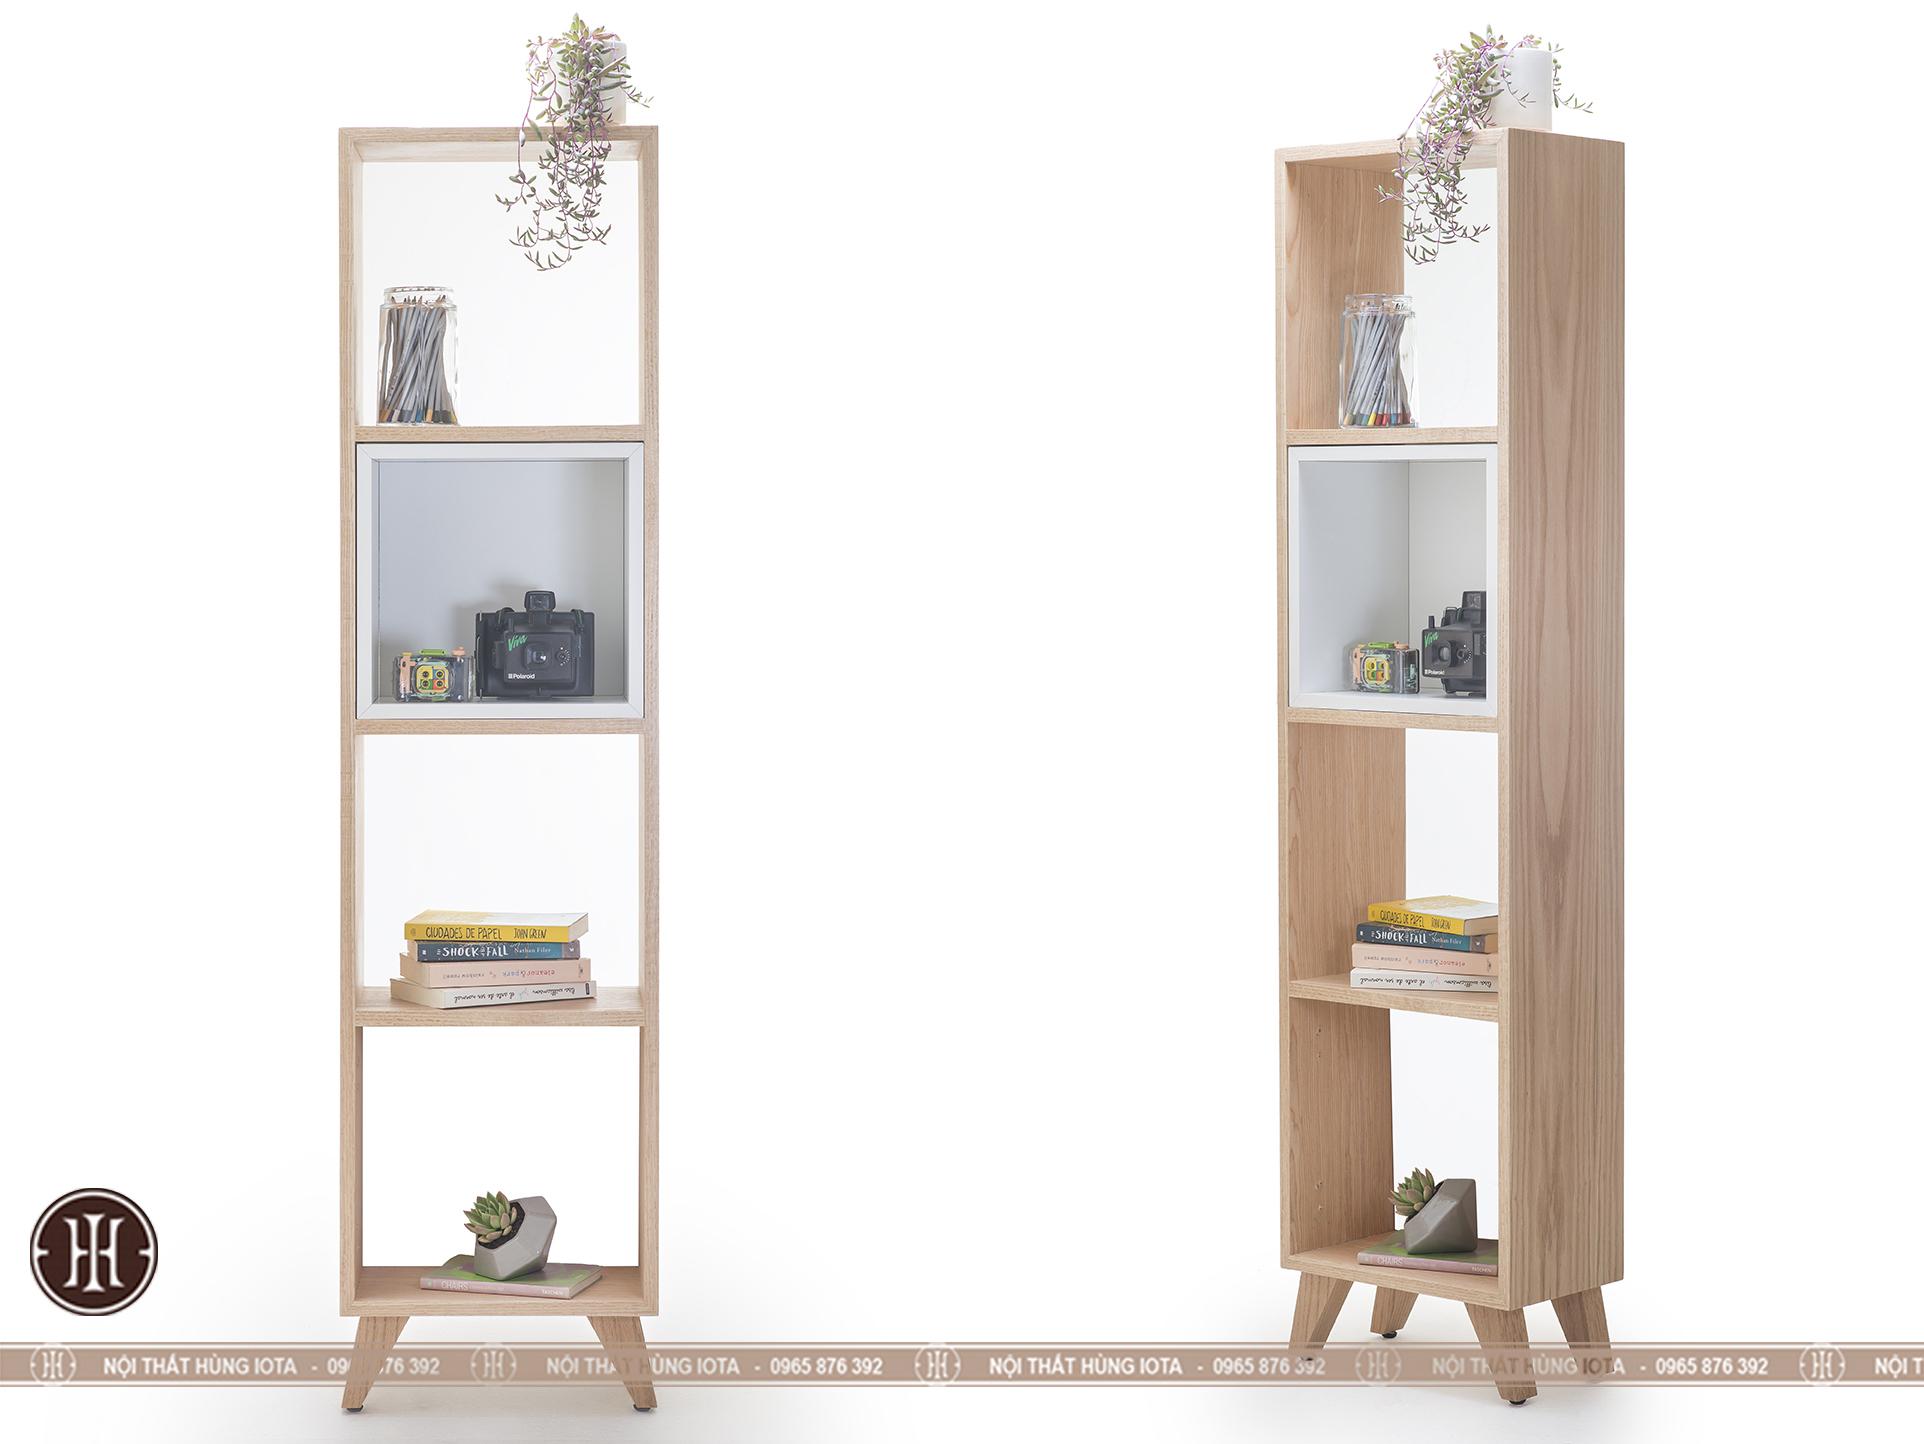 Tủ gỗ đựng đồ hình chữ nhật cao 4 tầng cho phòng ngủ, phòng khách